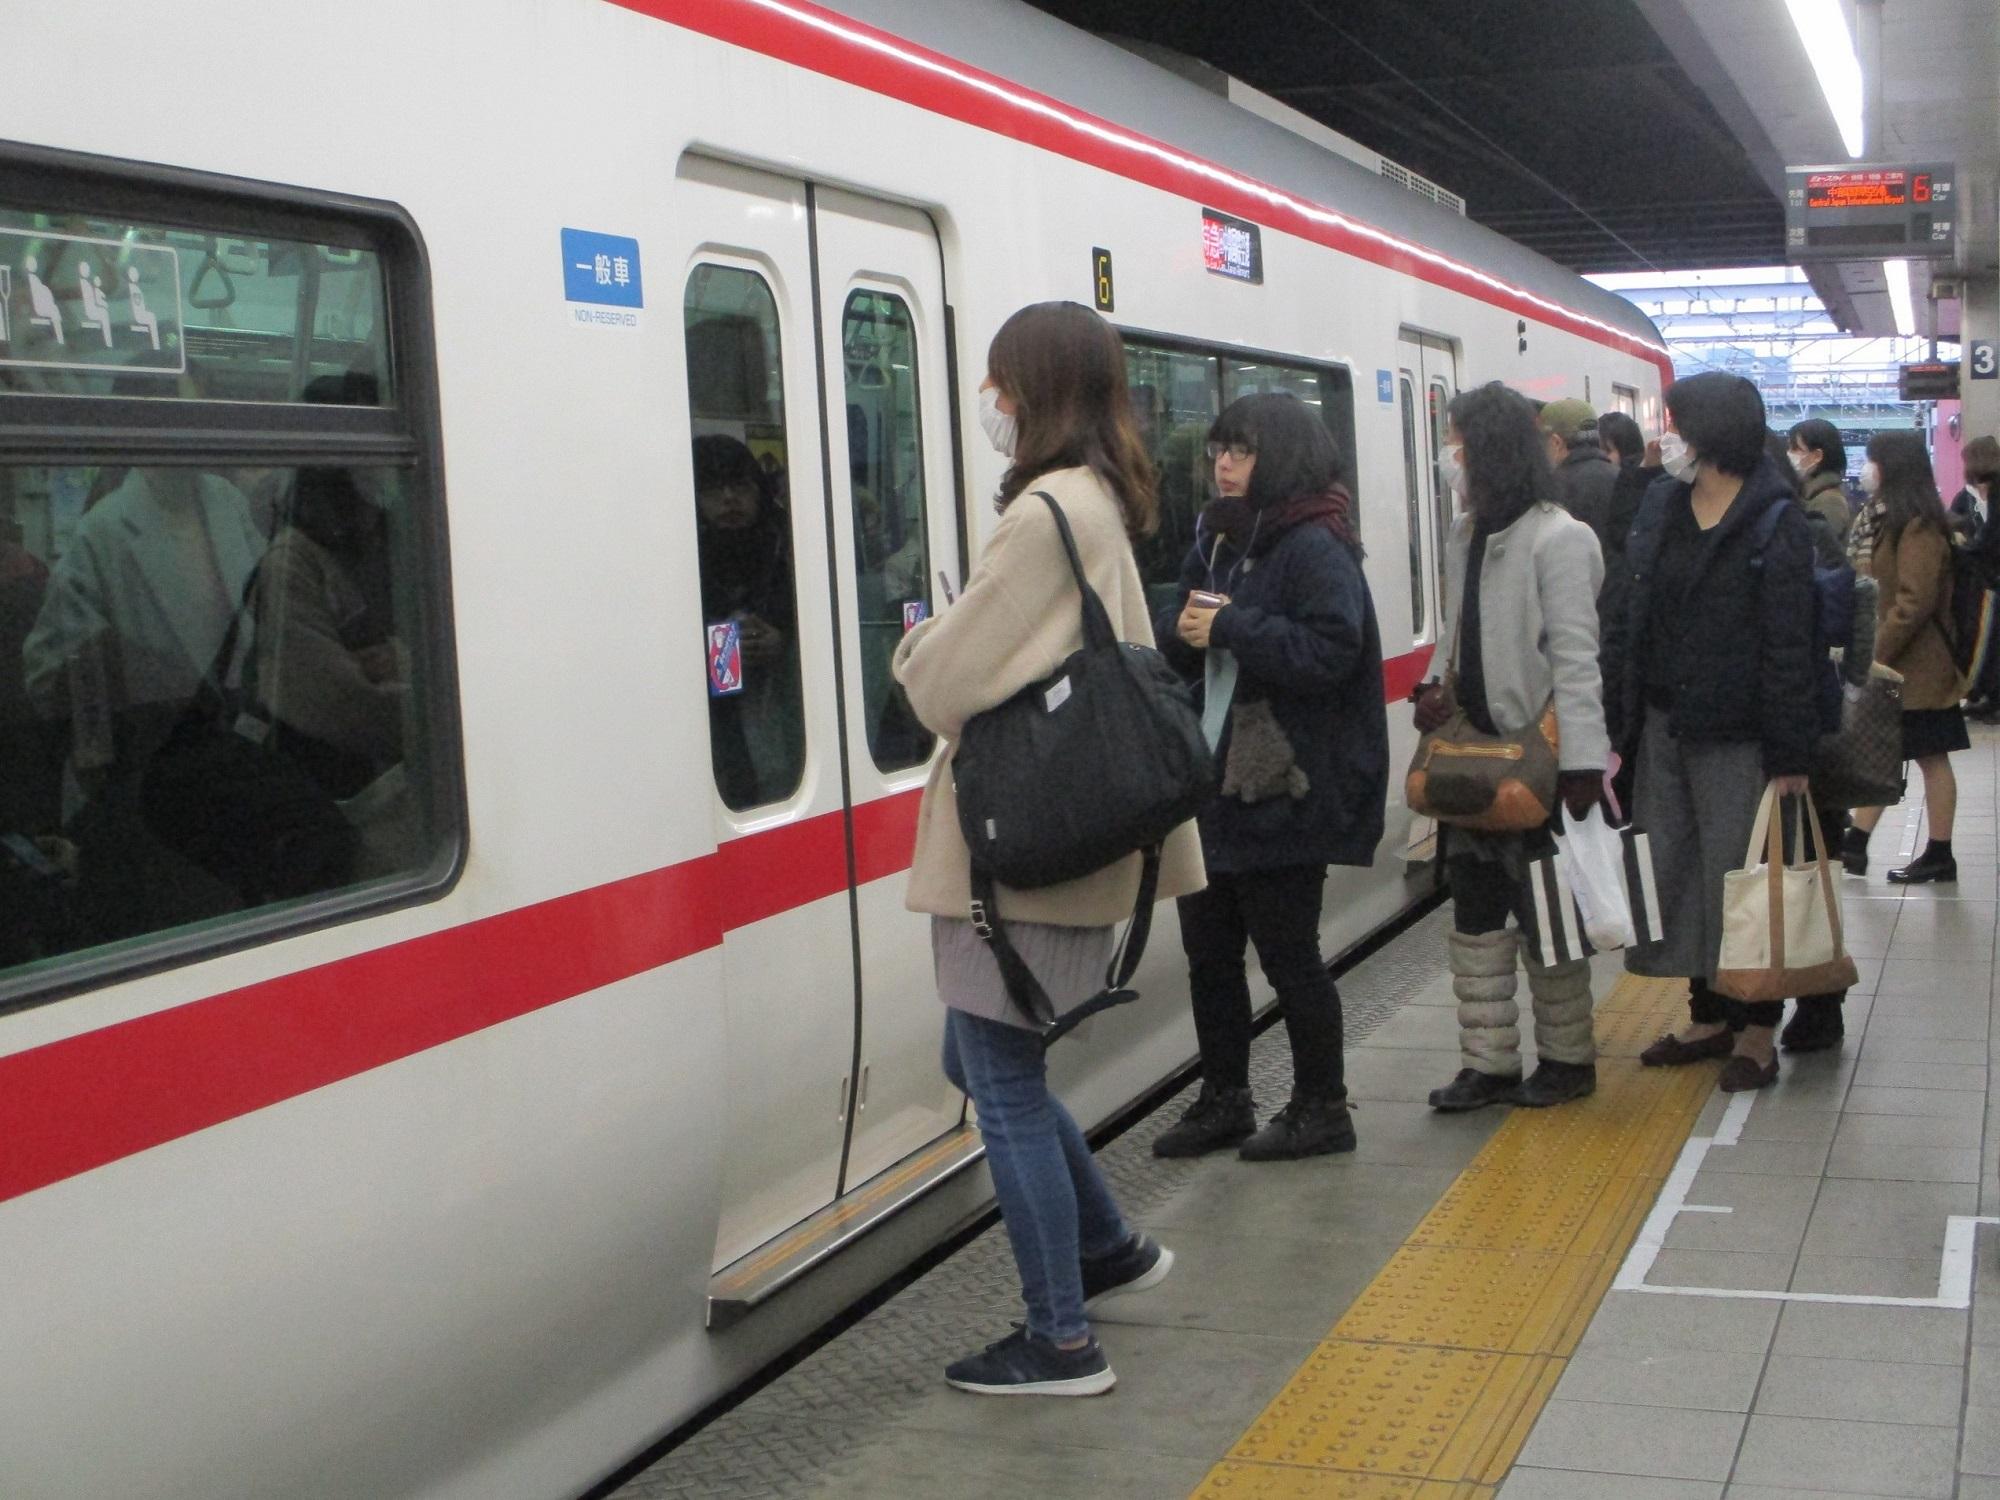 2020.2.12 (54) 金山 - セントレアいき特急 2000-1500